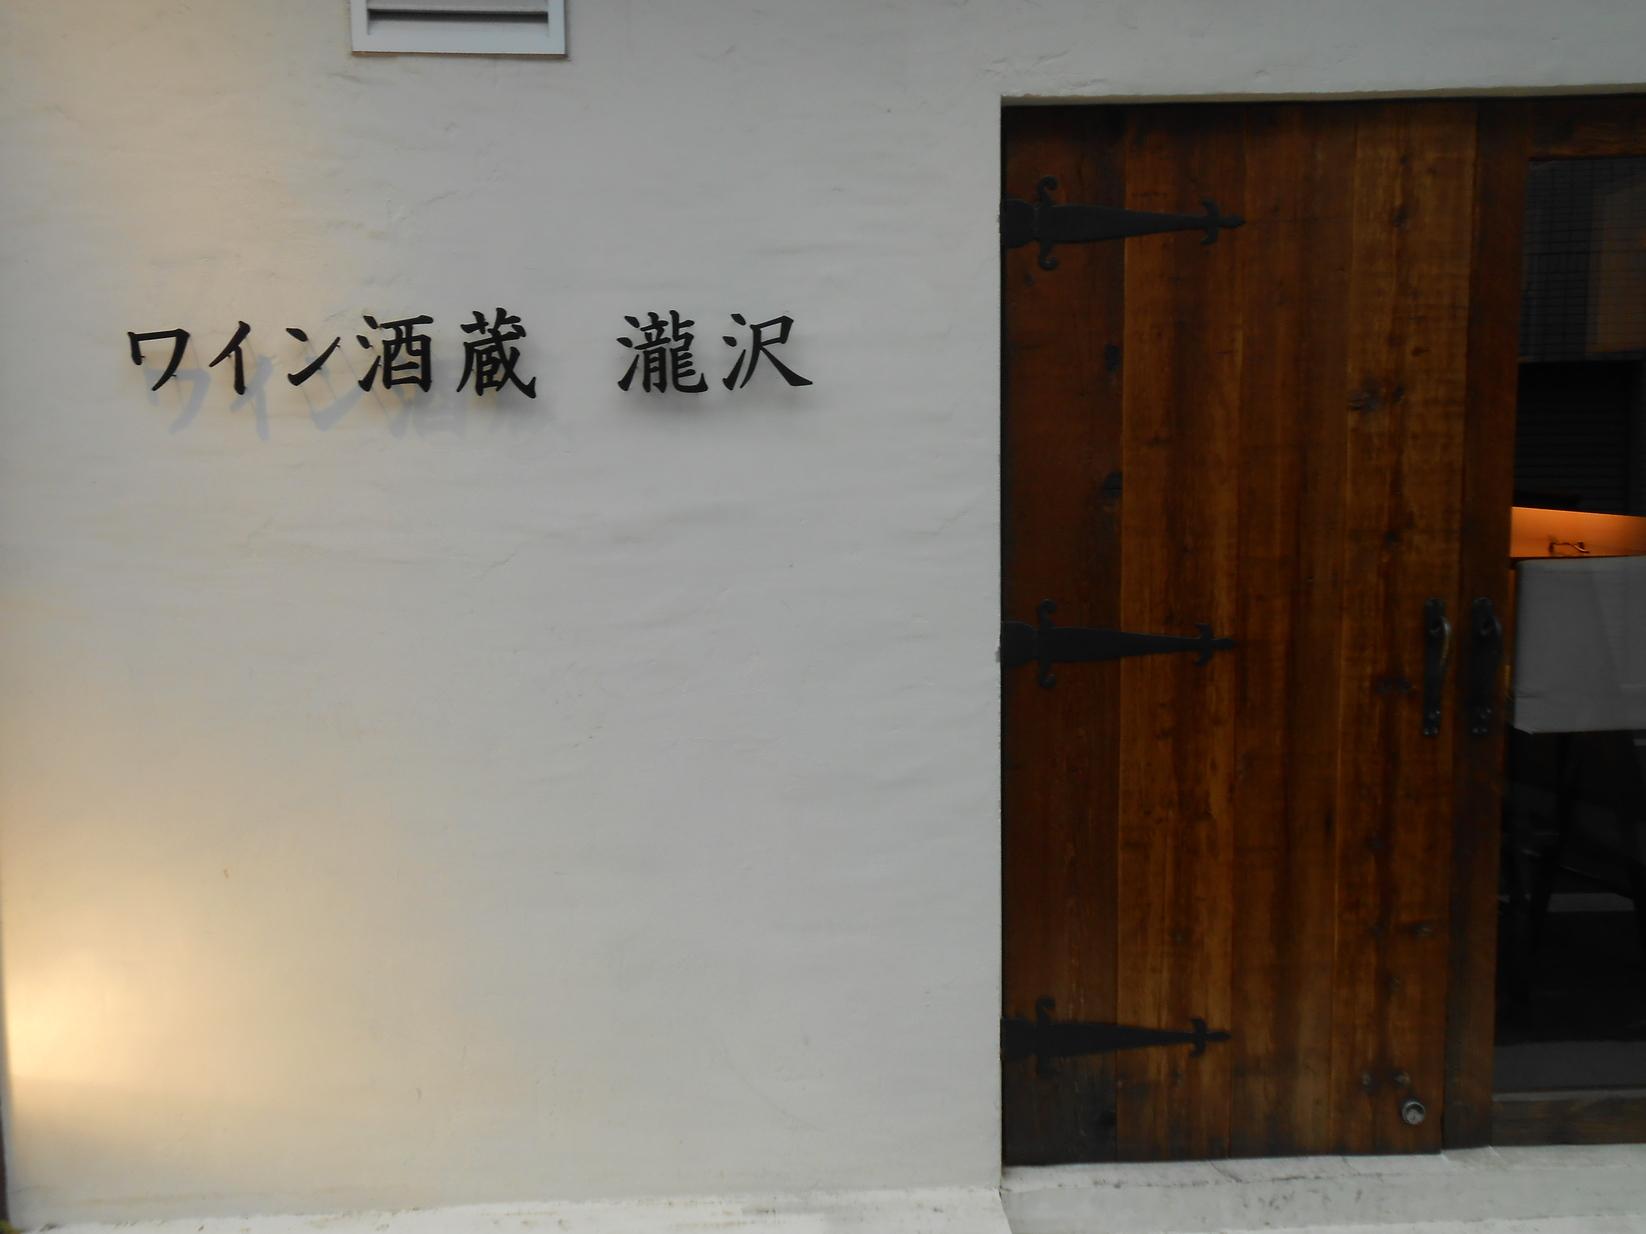 ワイン酒蔵 瀧沢